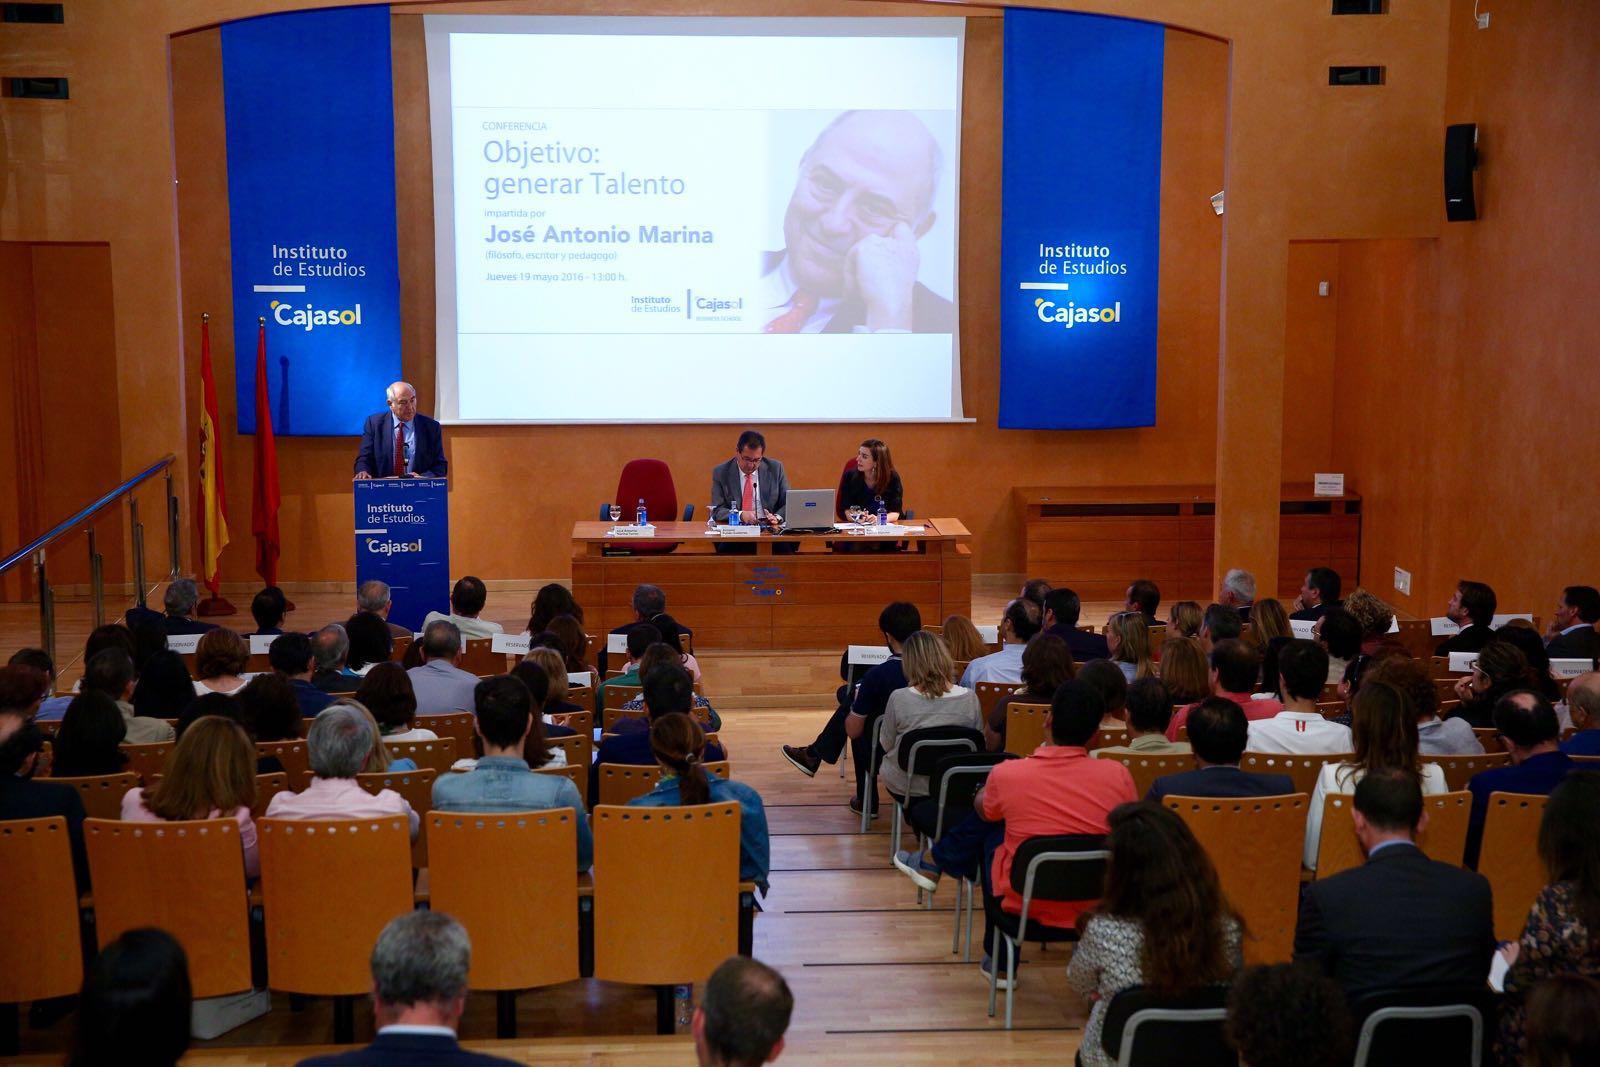 El público disfrutó de las reflexiones sobre el talento de José Antonio Marina